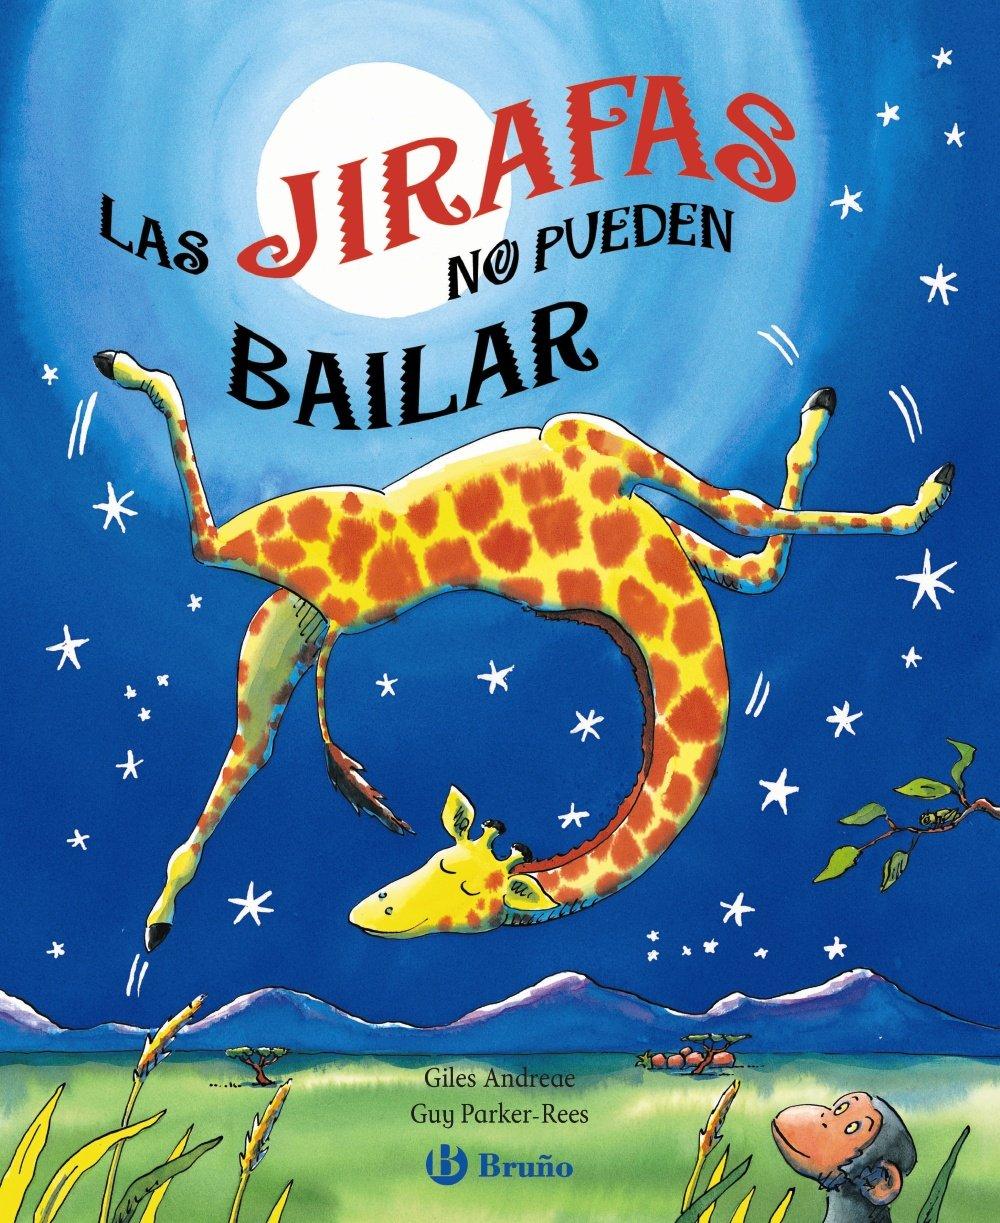 Cuento infantil las jirafas no pueden bailar - Orientación